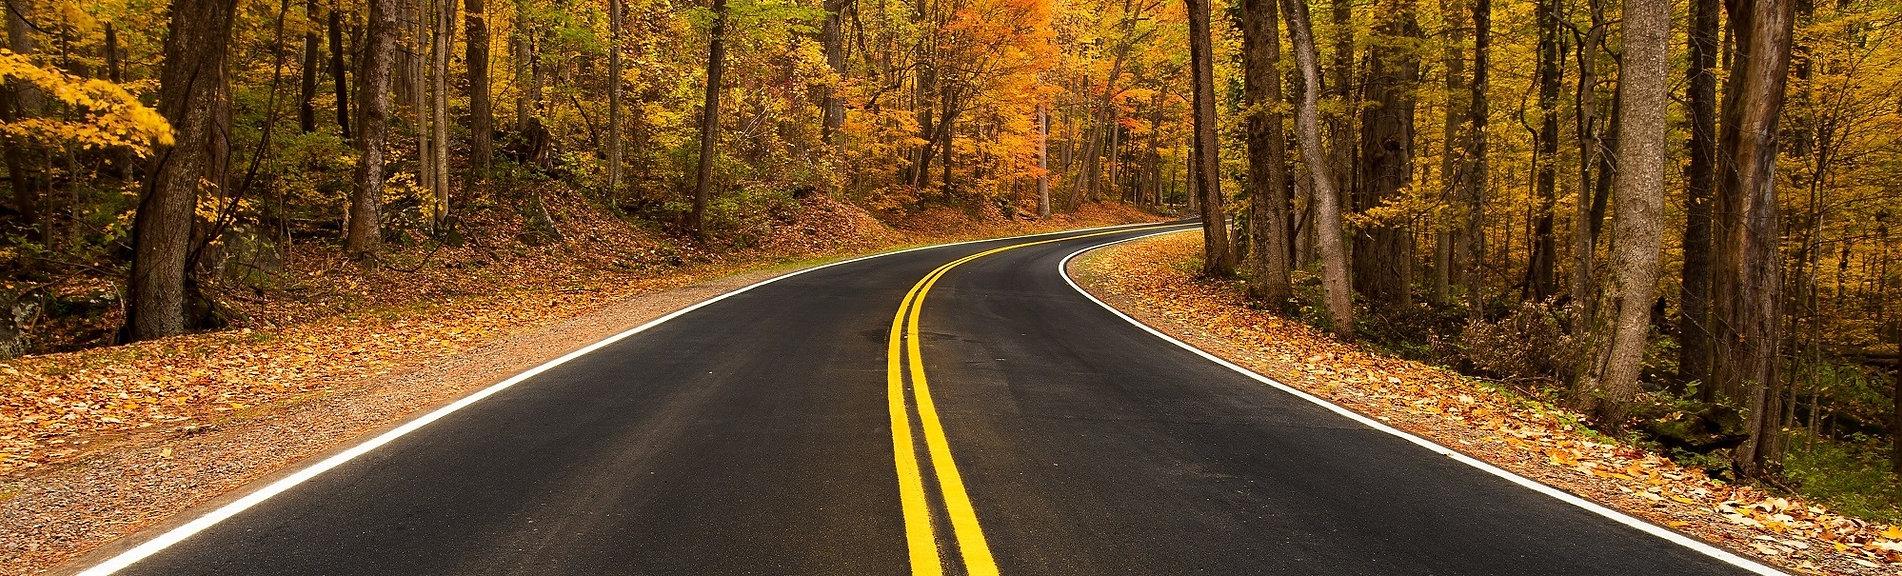 rural-road-981757-1.jpg